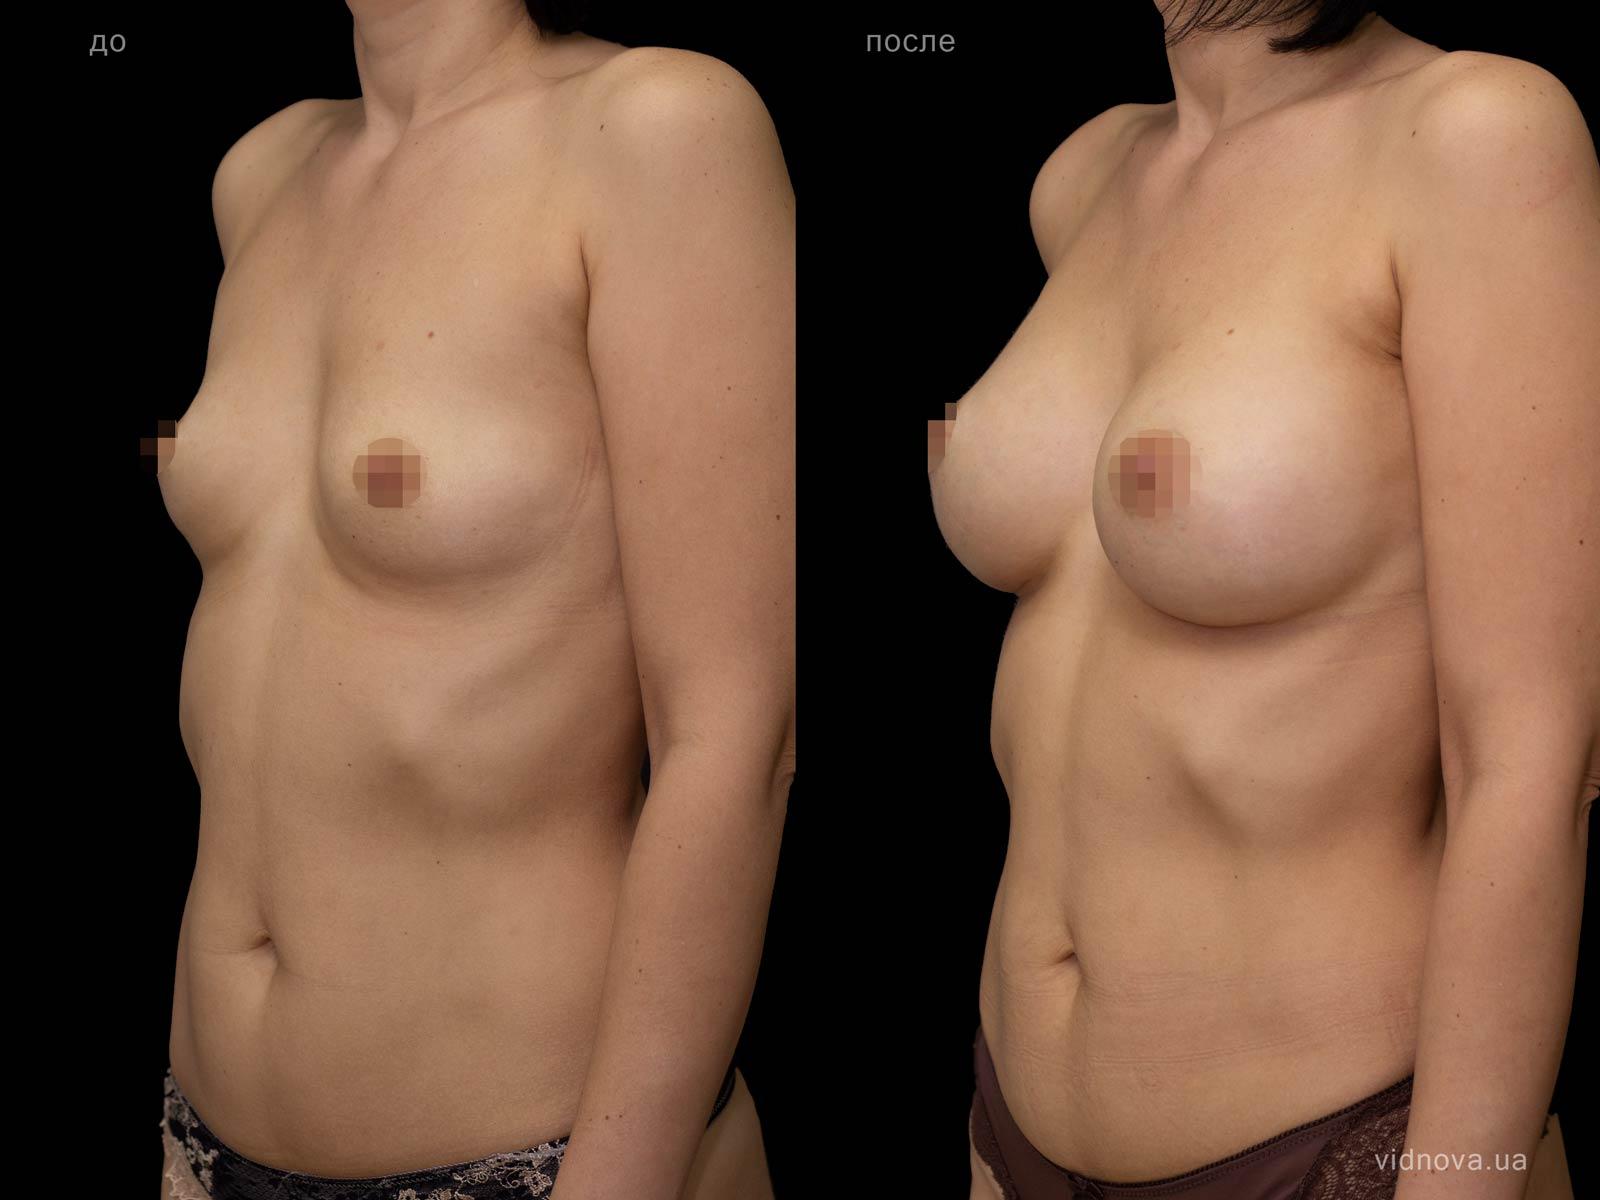 Пластика груди: результаты до и после - Пример №101-1 - Светлана Работенко